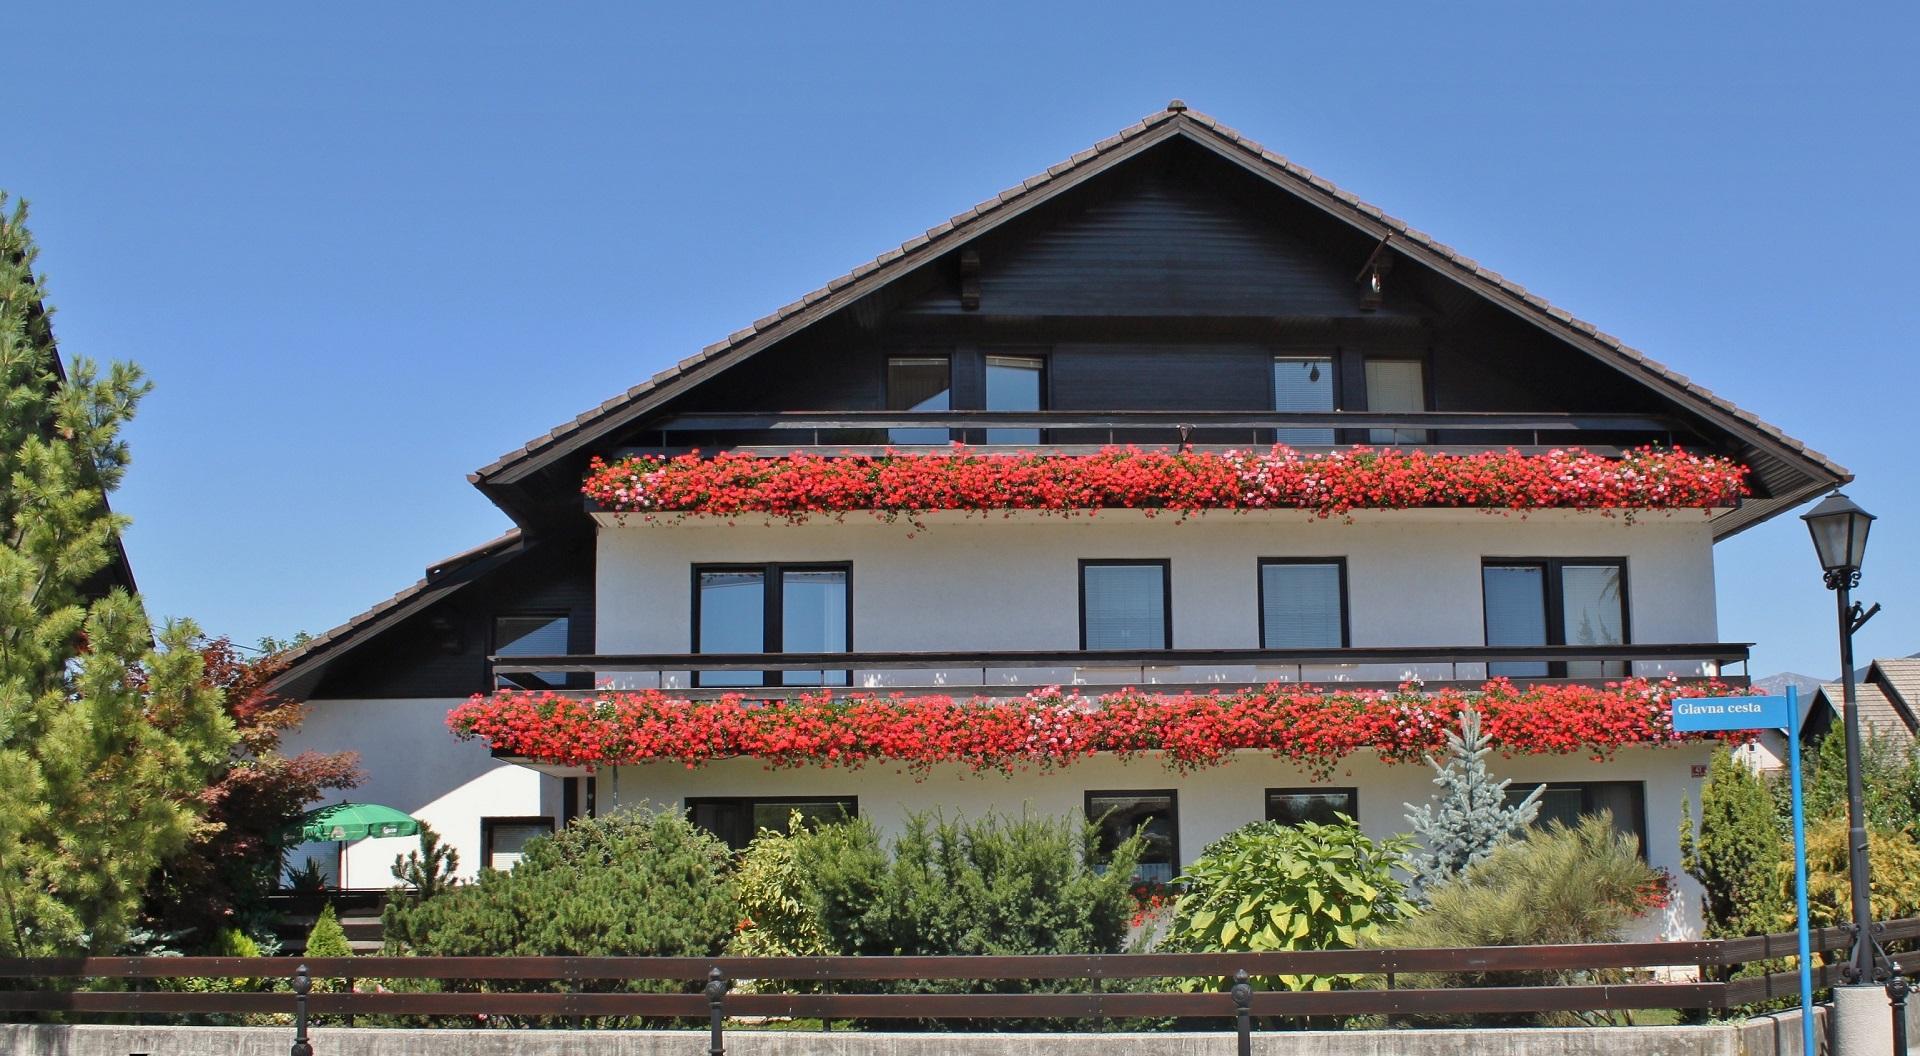 Sredi vasi stoji ena najlepše urejenih hiš v Naklem. Križajevo, po domače Hausvirtovo hišo opazijo mnogi tujci in se pred njo fotografirajo.